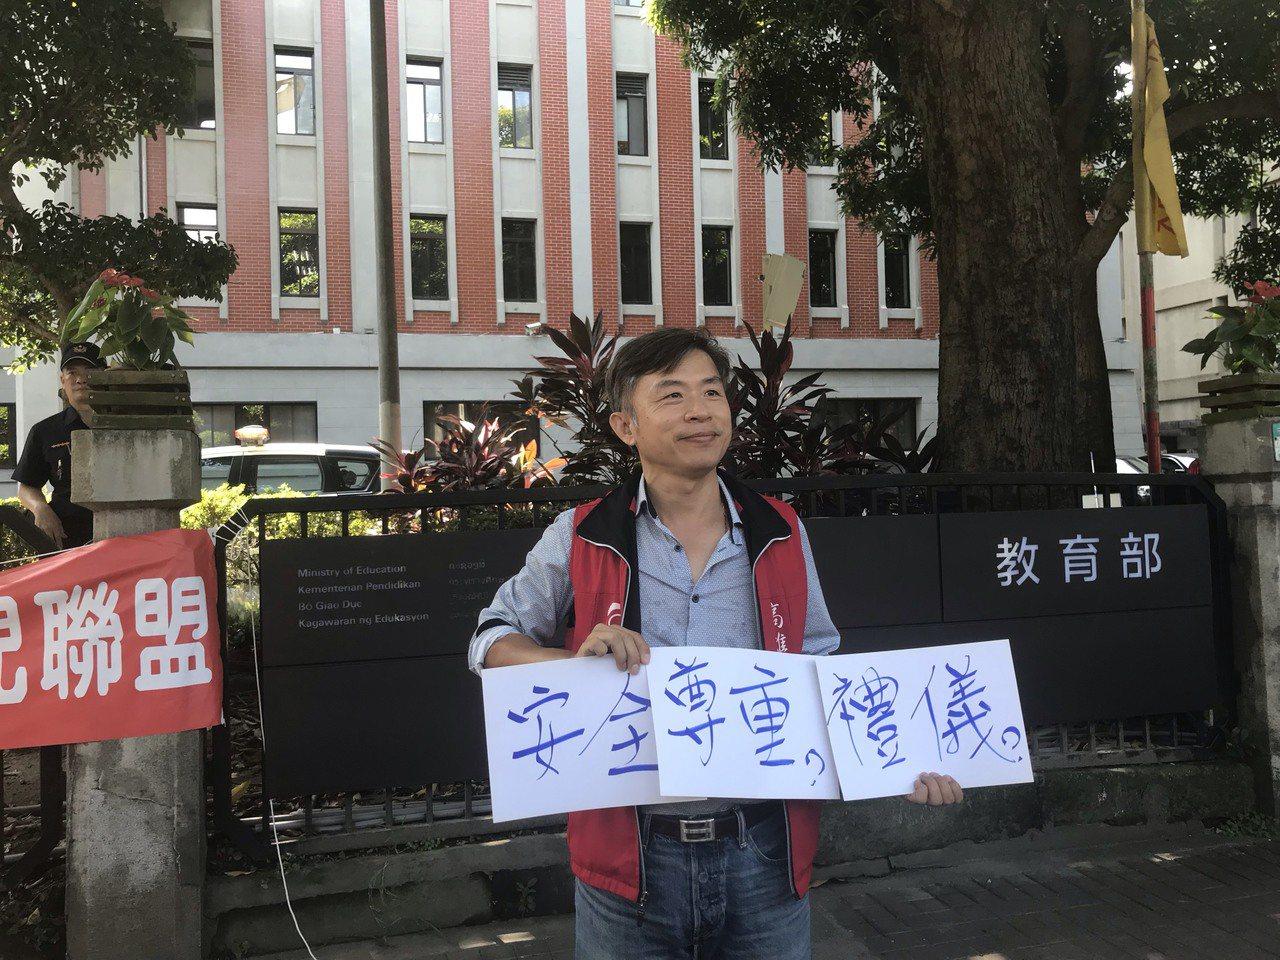 高雄市家長協會理事長洪志和反對服儀解禁。記者潘乃欣/攝影